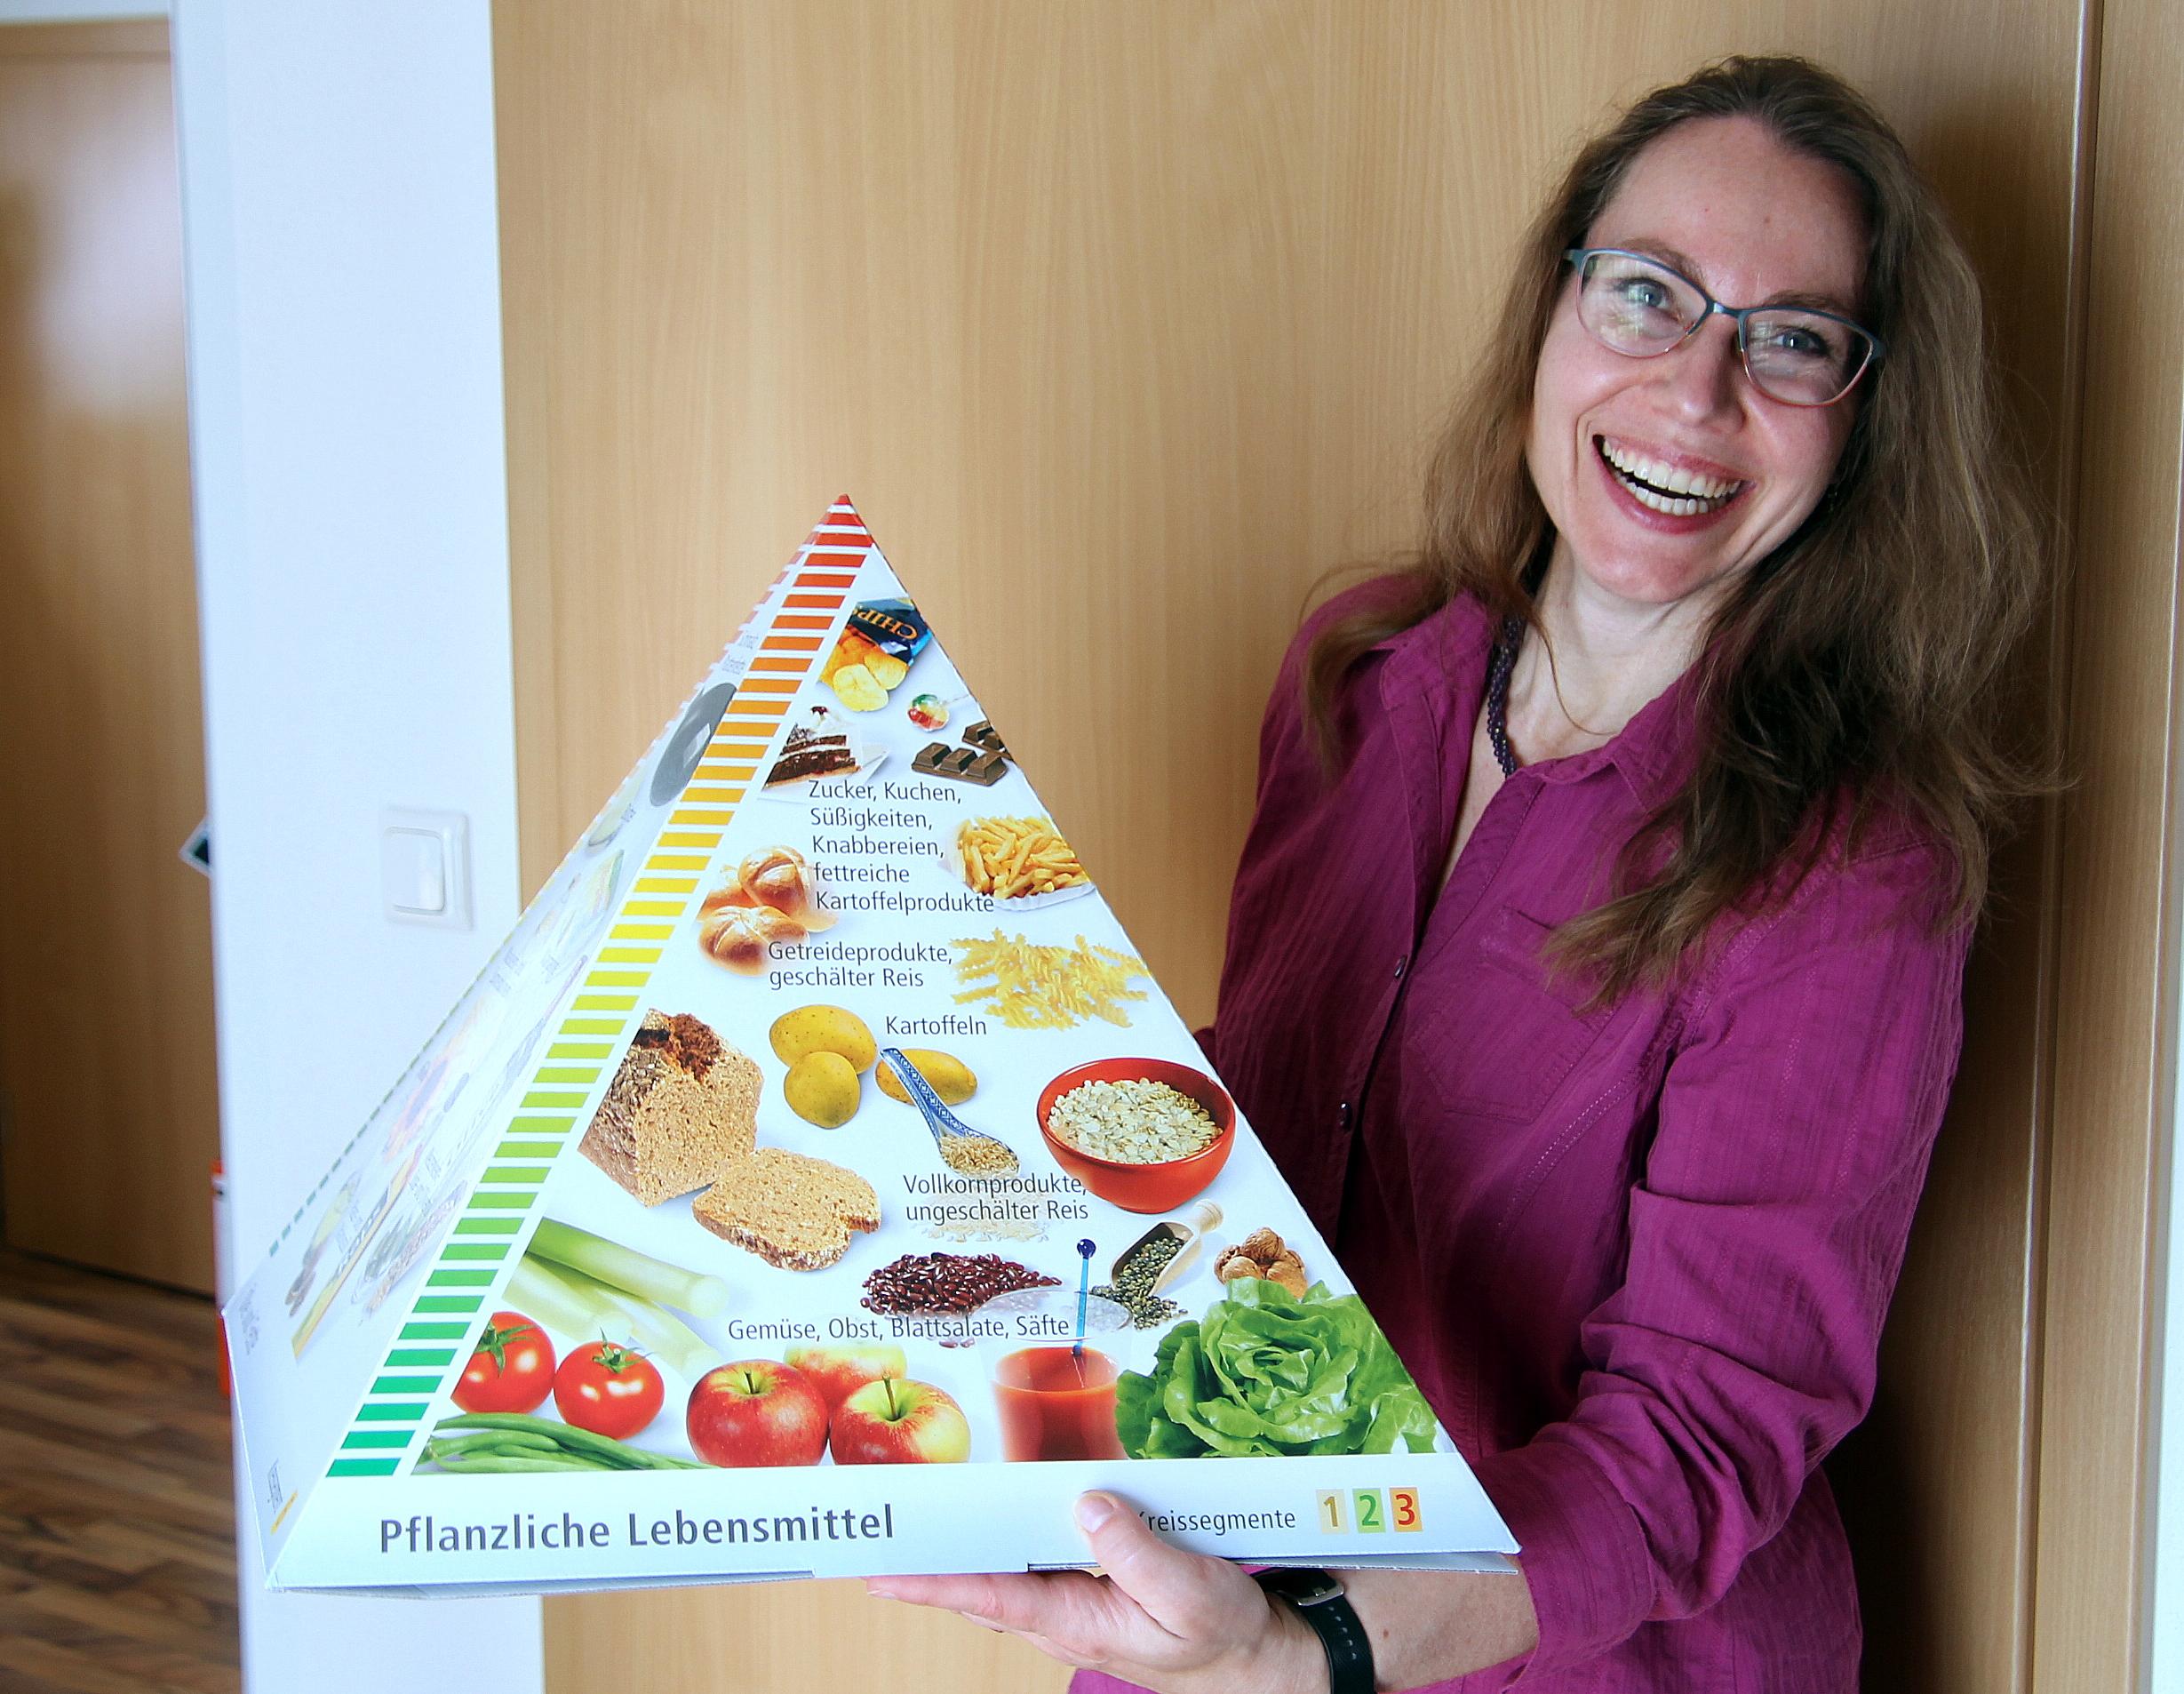 Gruppenberatung durch die Ernährungsberatung Yvonne Dinger